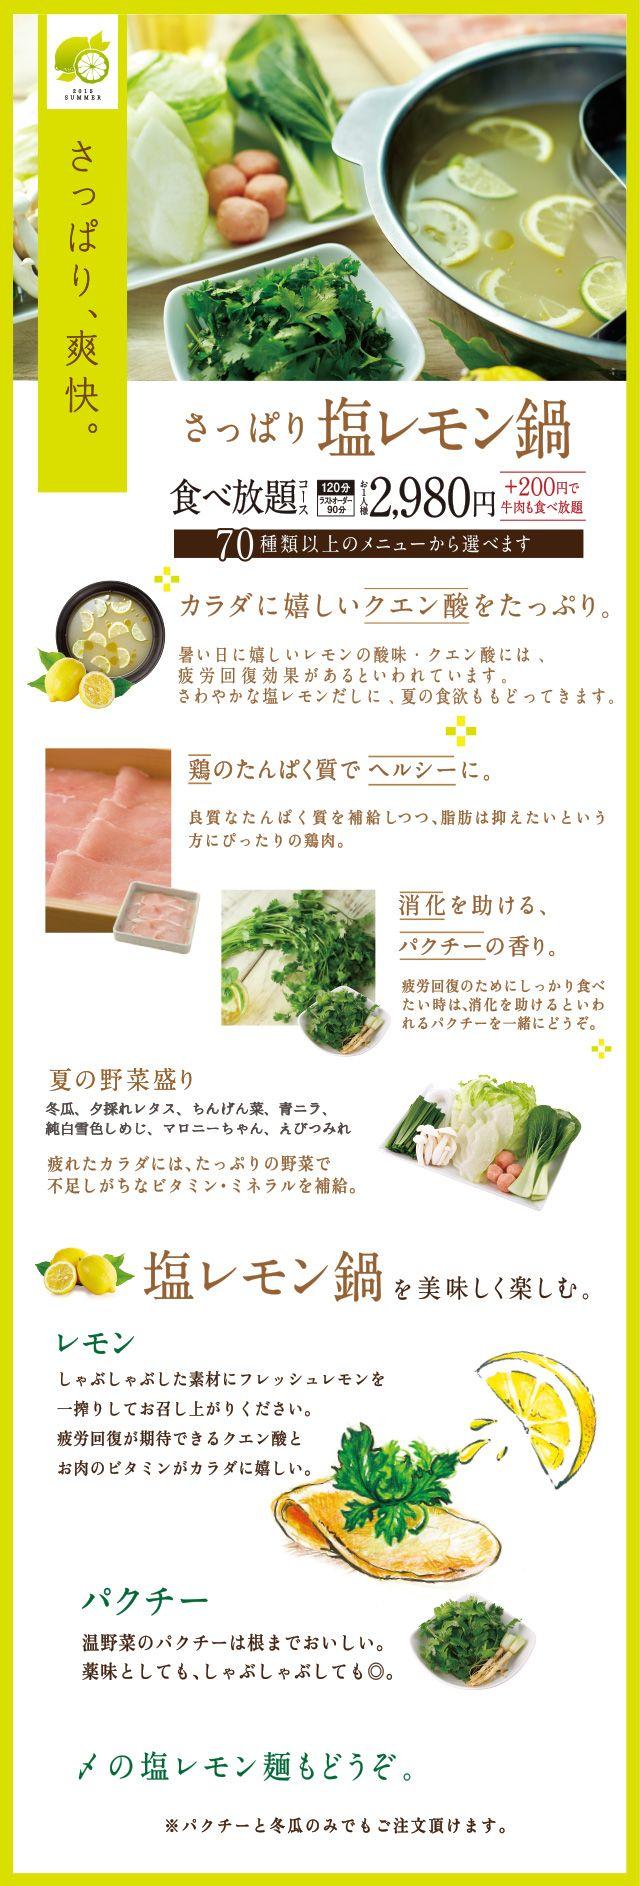 夏をのりきる鍋 夏鍋 / しゃぶしゃぶ 温野菜